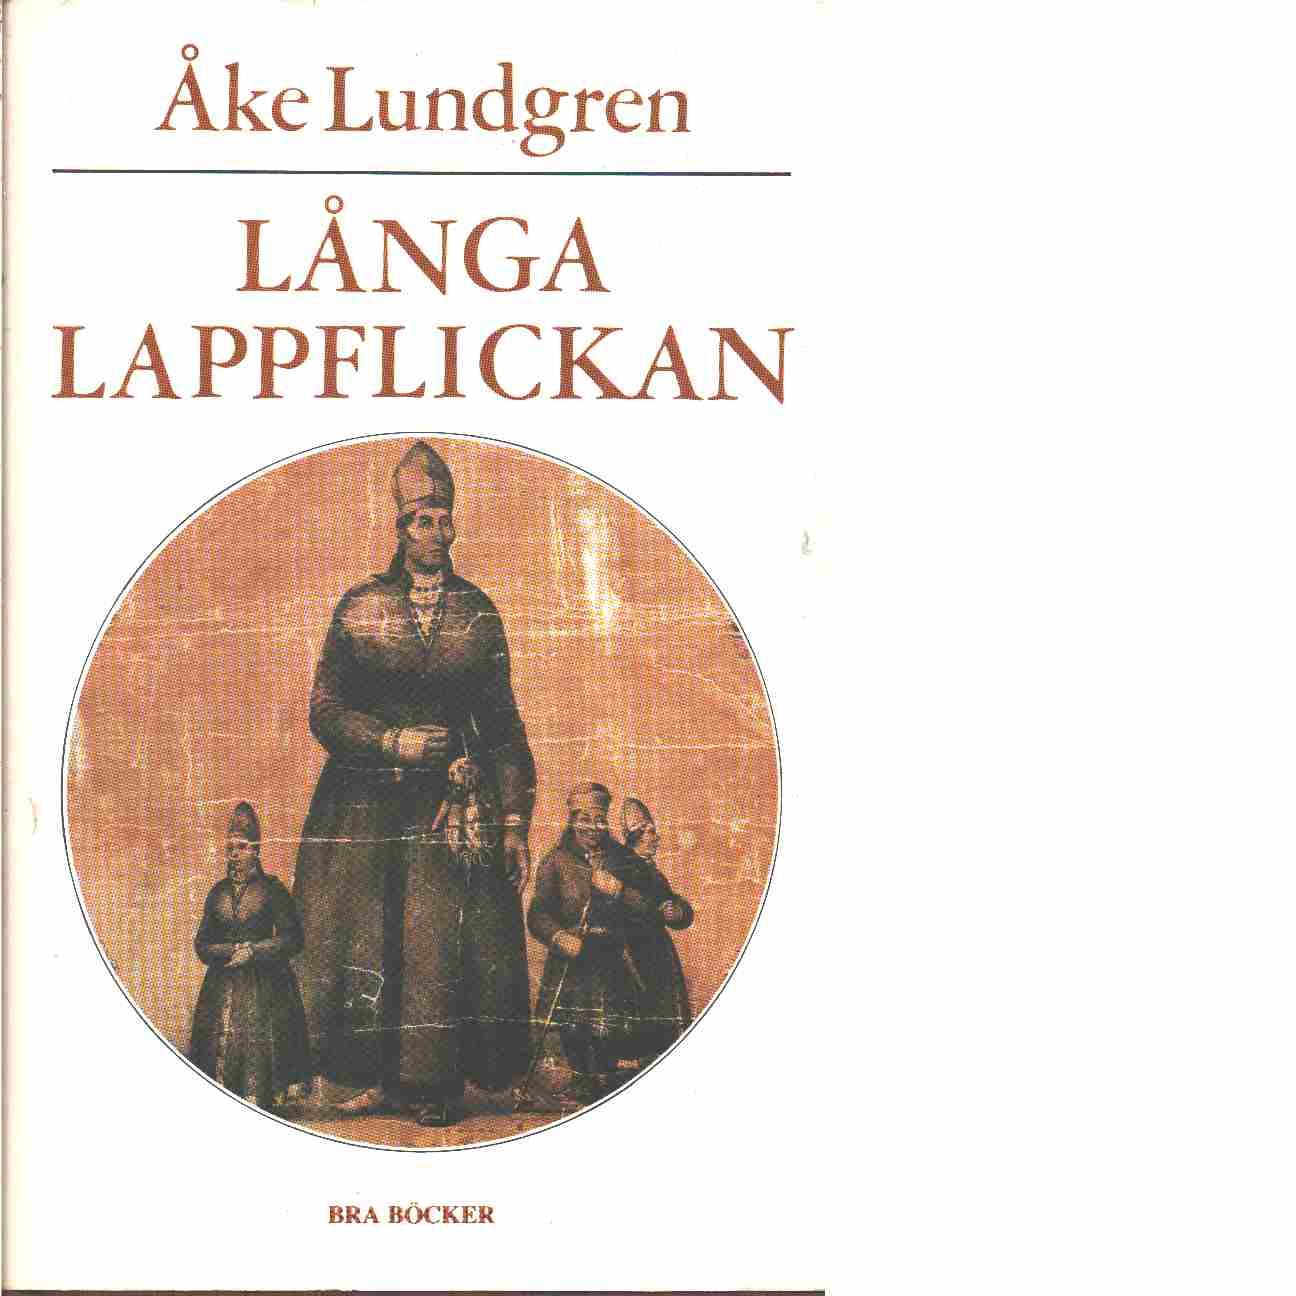 Långa lappflickan - Lundgren, Åke